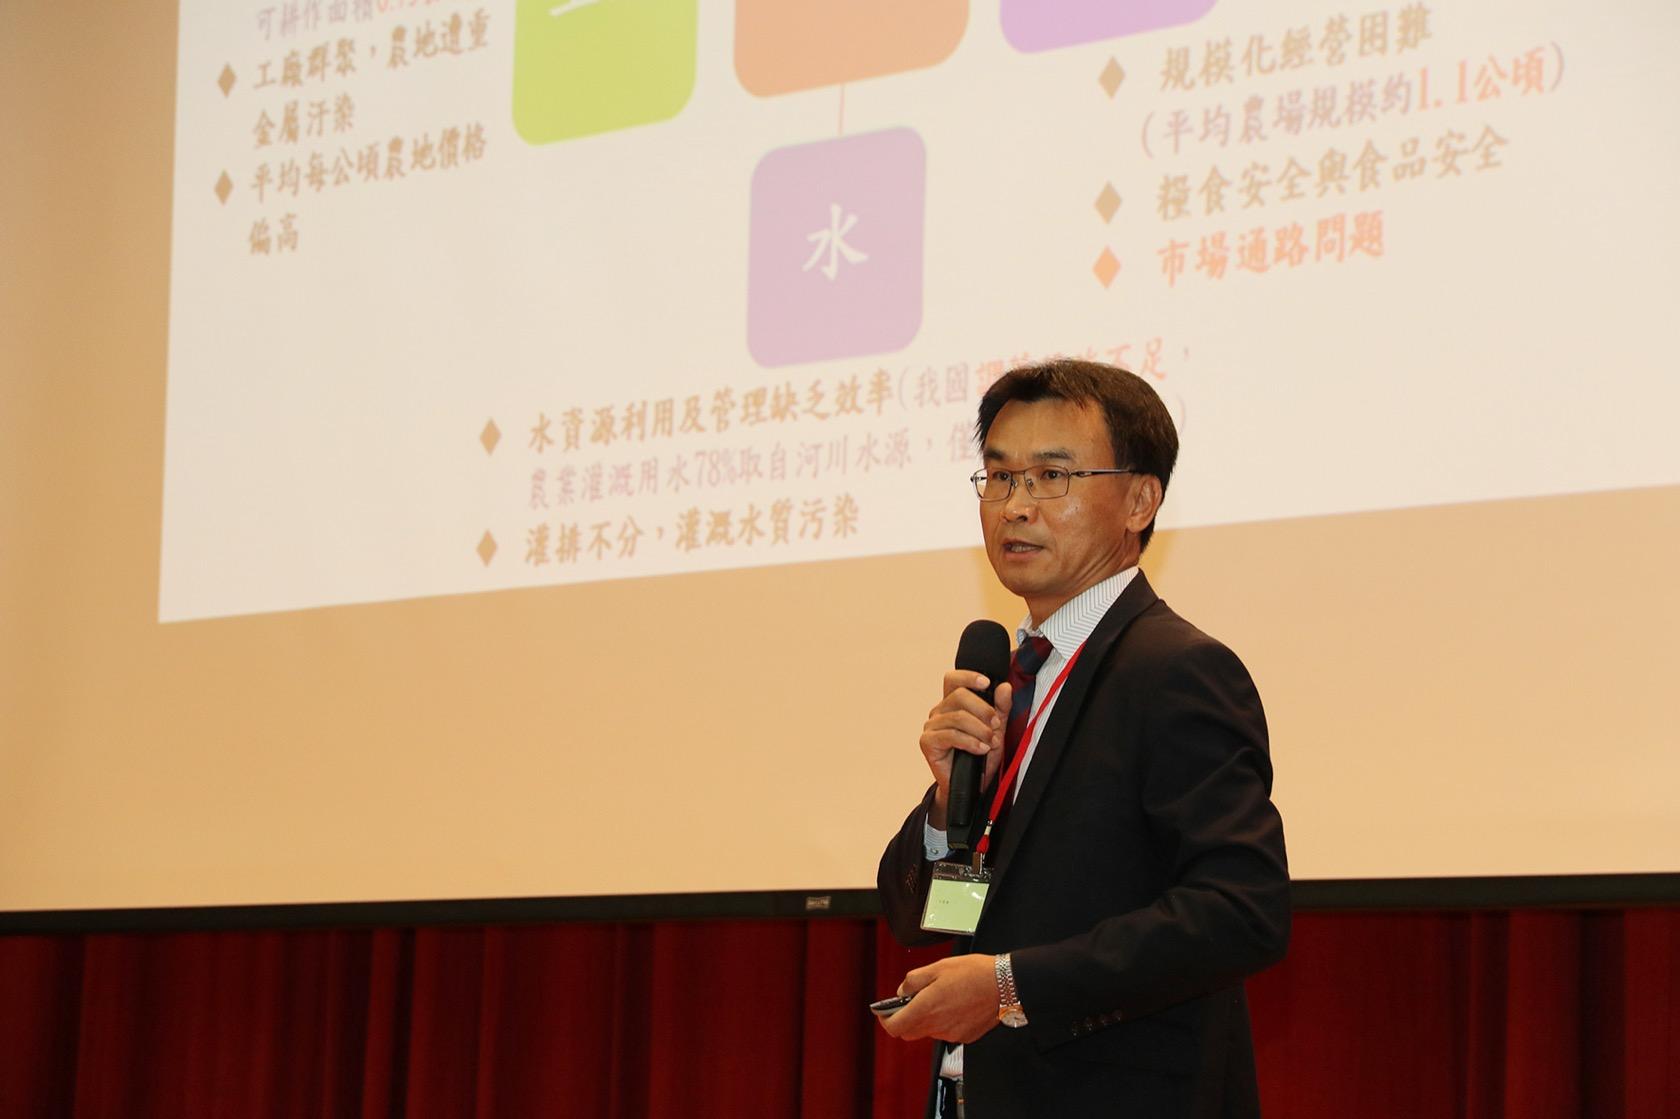 農委會主委陳吉仲主講「翻轉臺灣農業的基礎工程」。